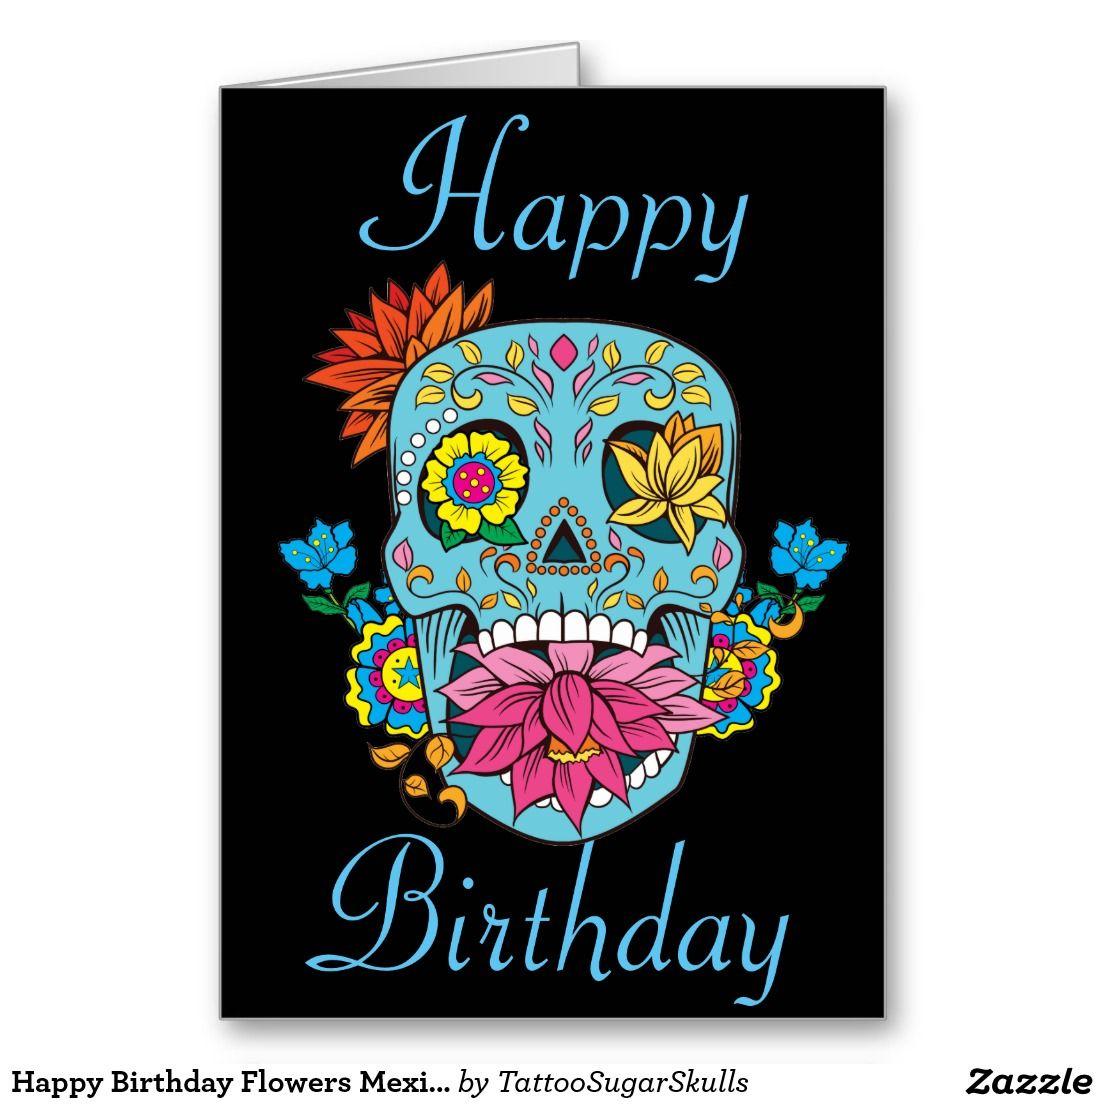 Happy Birthday Flowers Mexican Tattoo Sugar Skull Card Zazzle Com Happy Birthday Flower Birthday Flowers Sugar Skull Tattoos